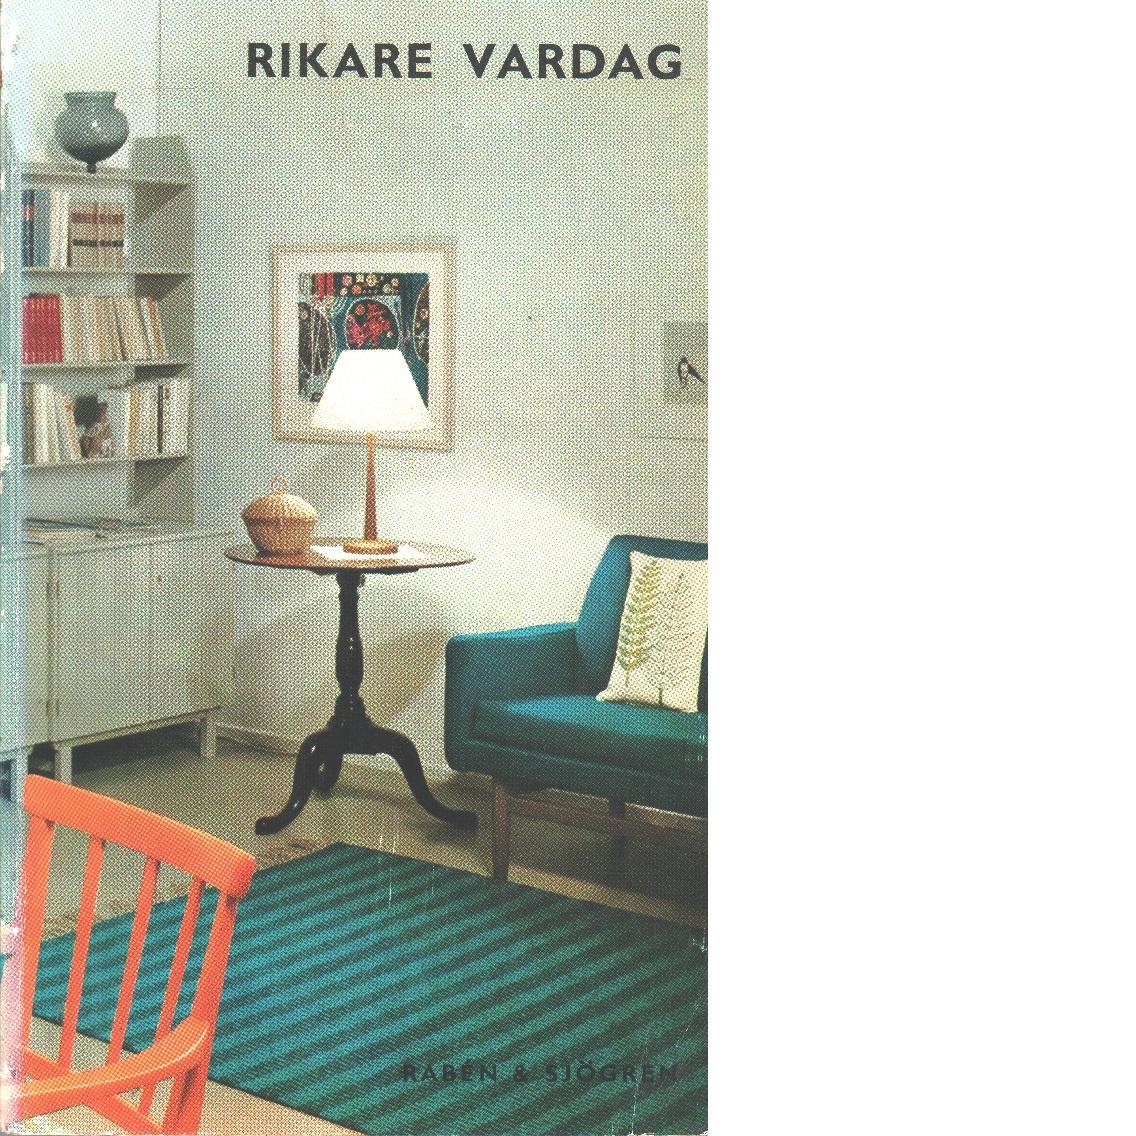 Rikare vardag - Walldén, Katja